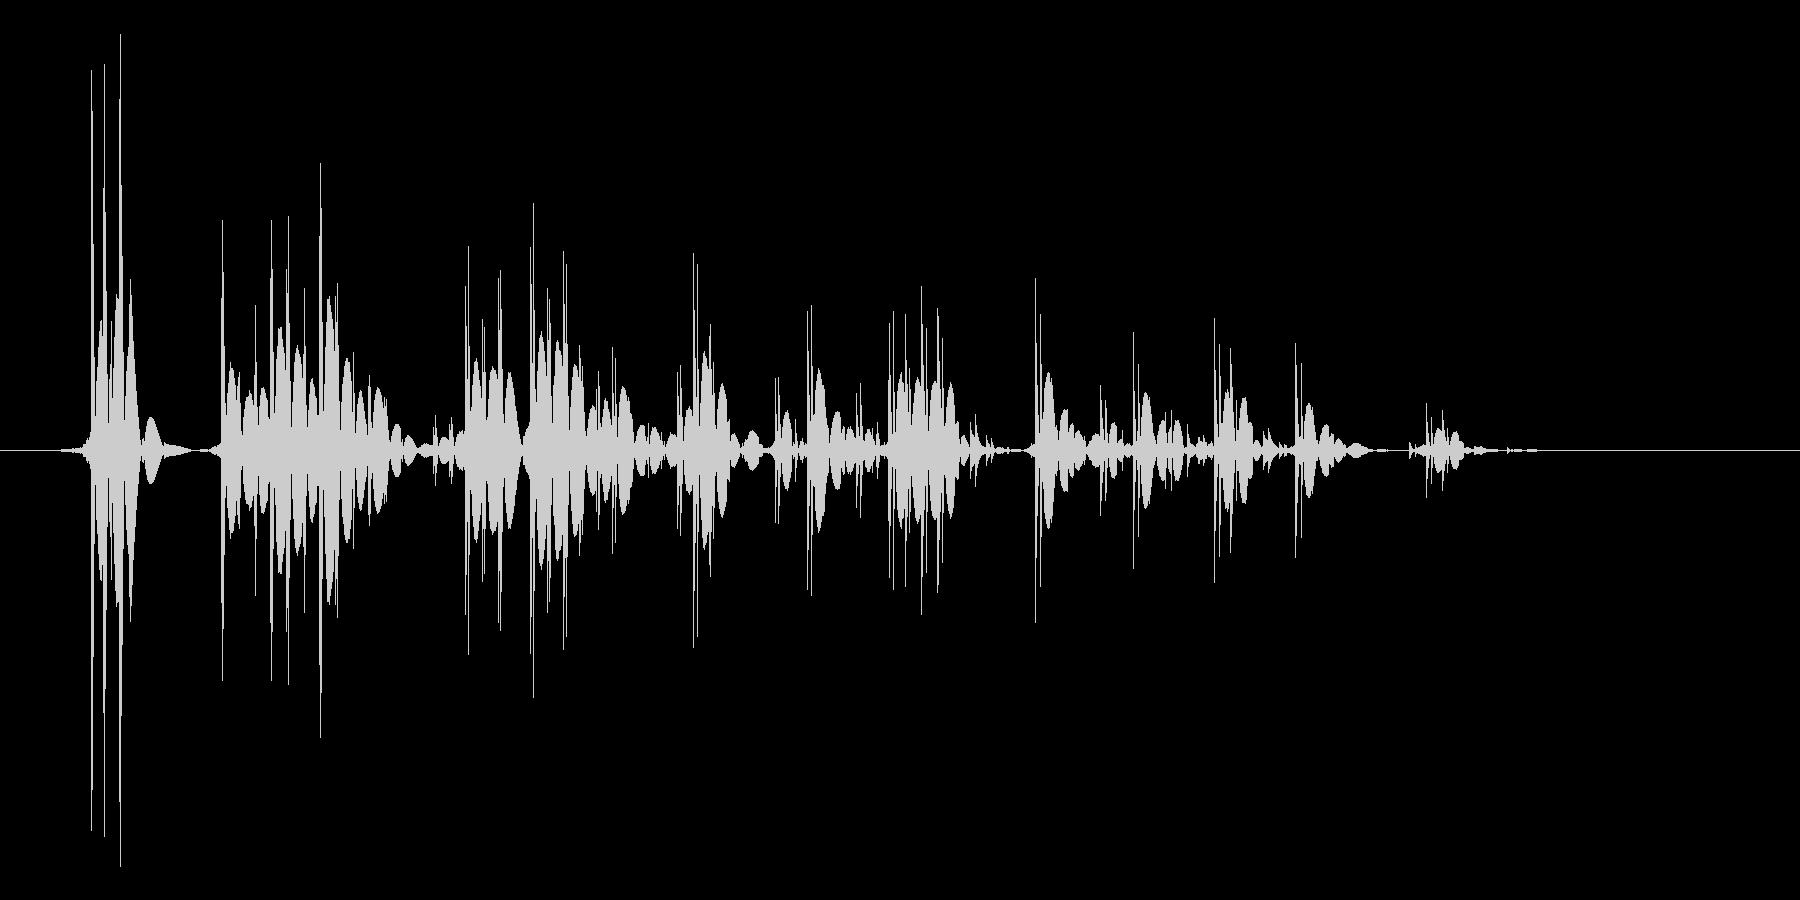 ゲーム(ファミコン風)爆発音_019の未再生の波形